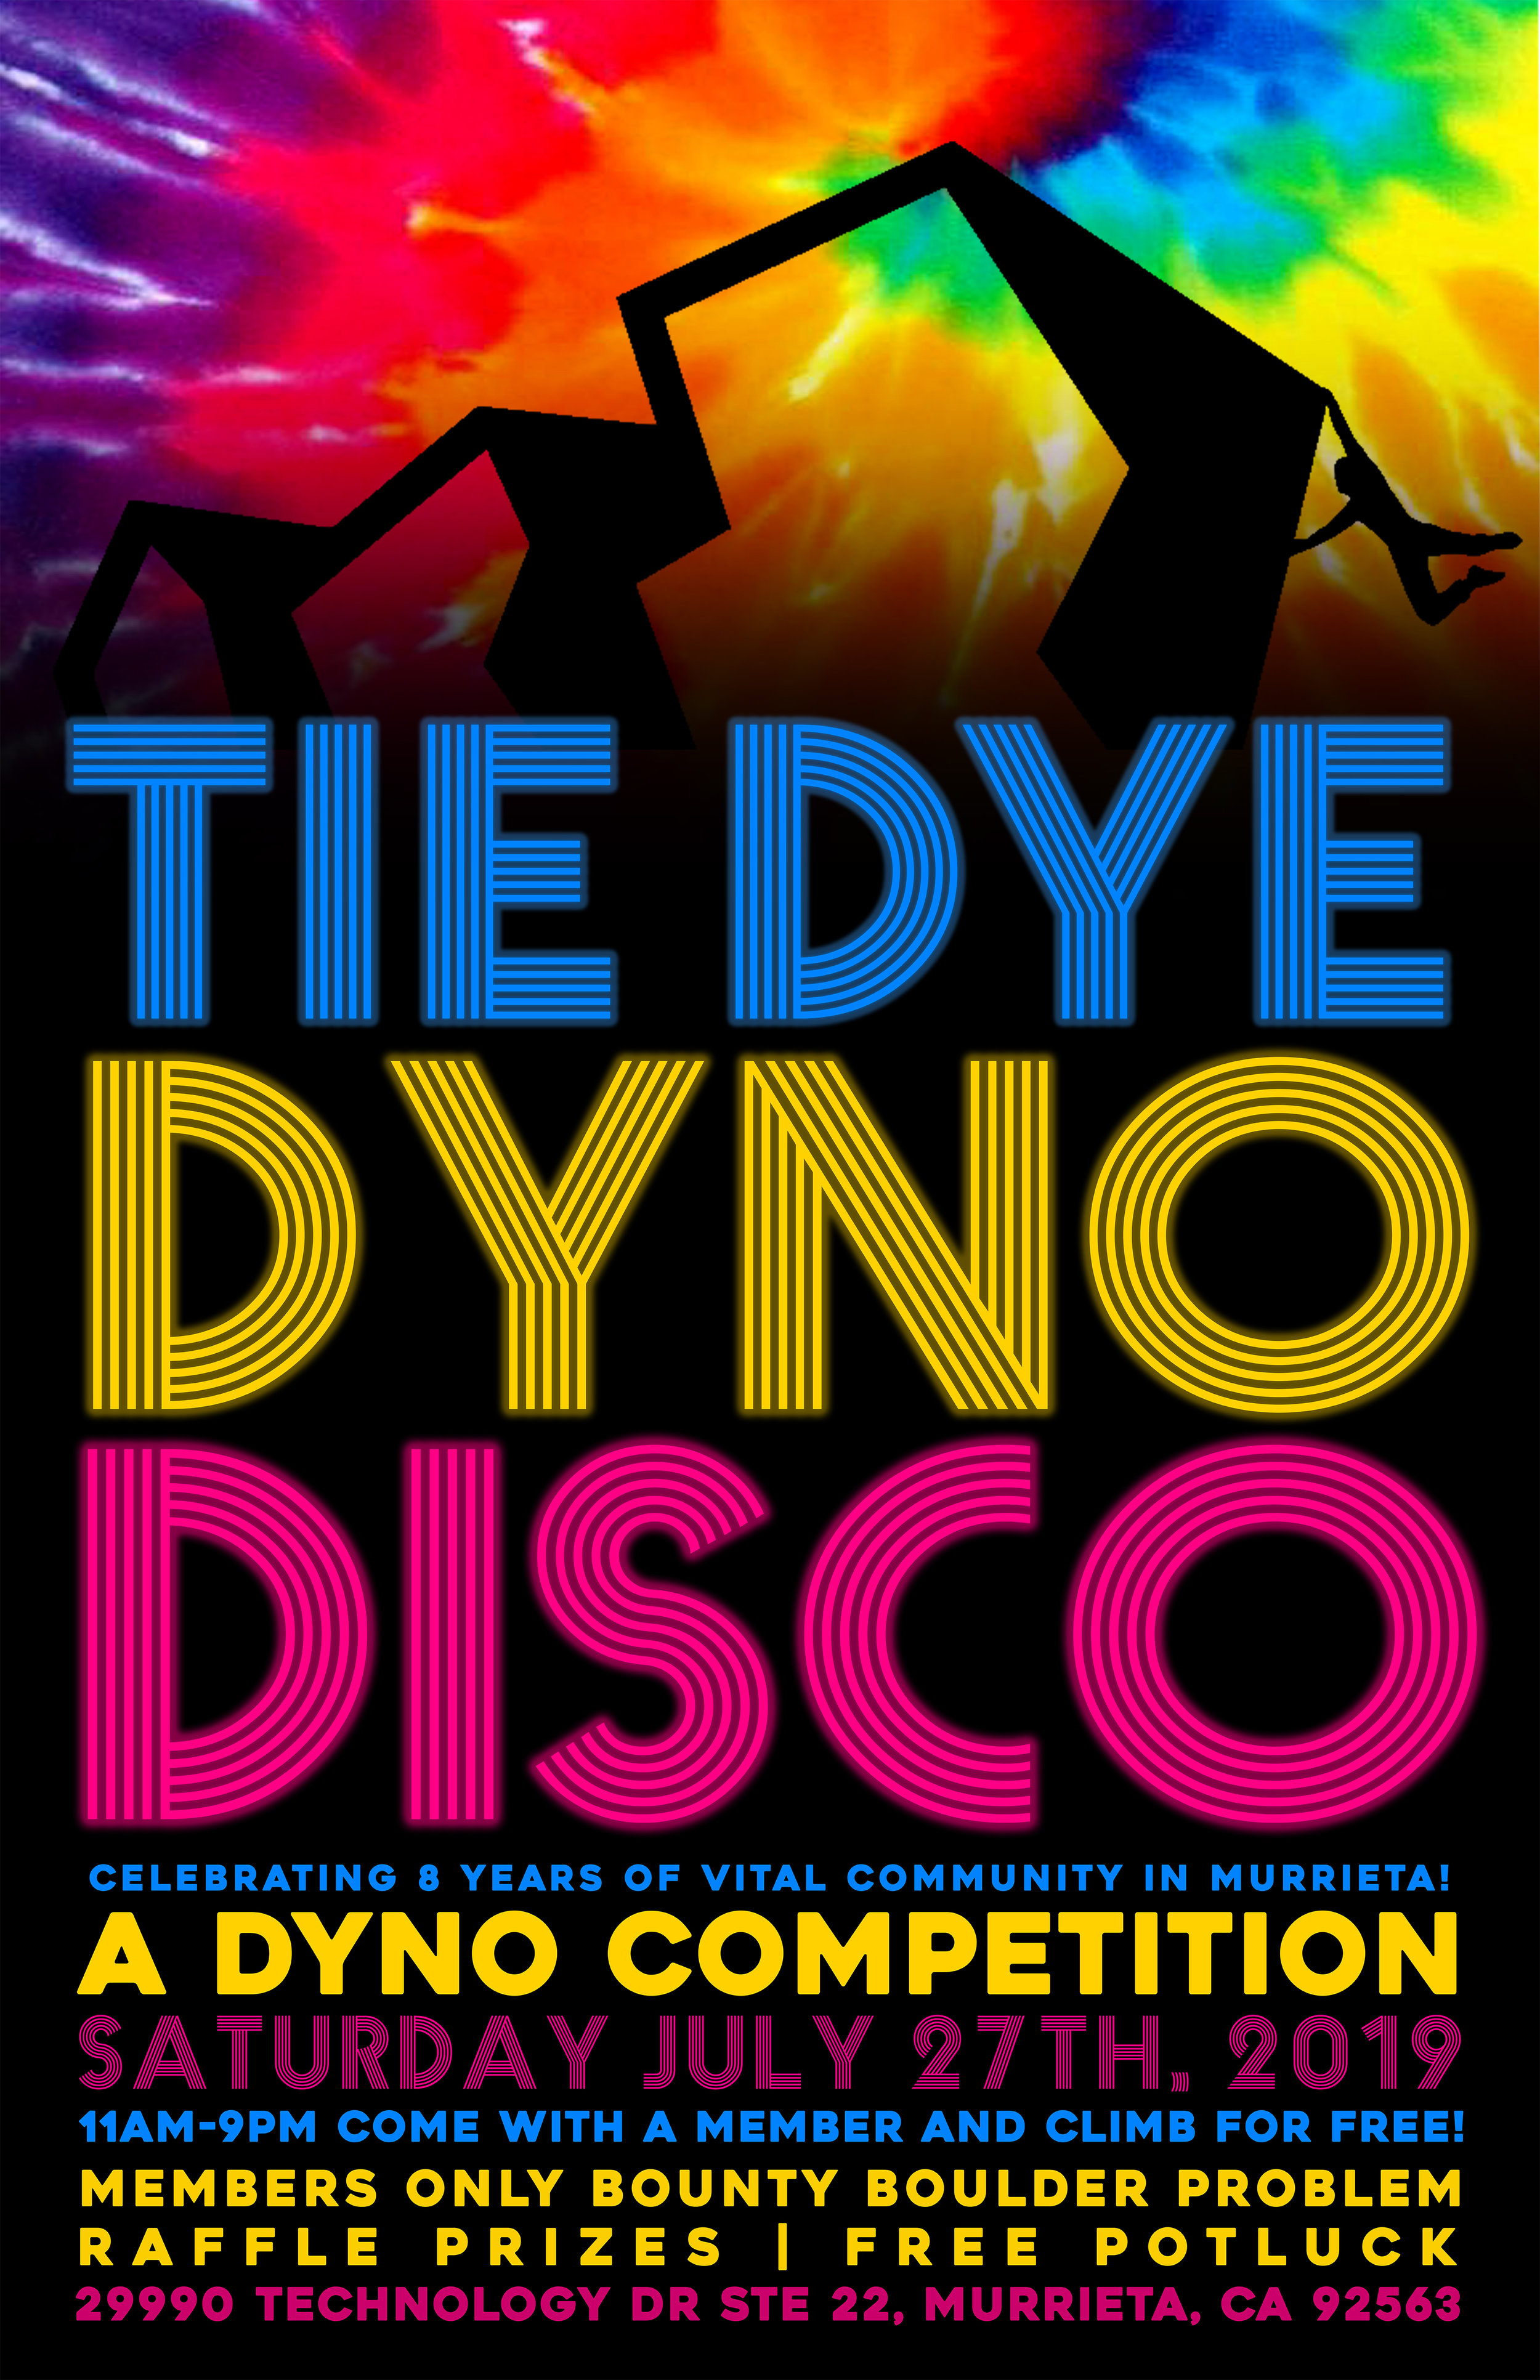 Tie Dye Dyno Disco.jpg